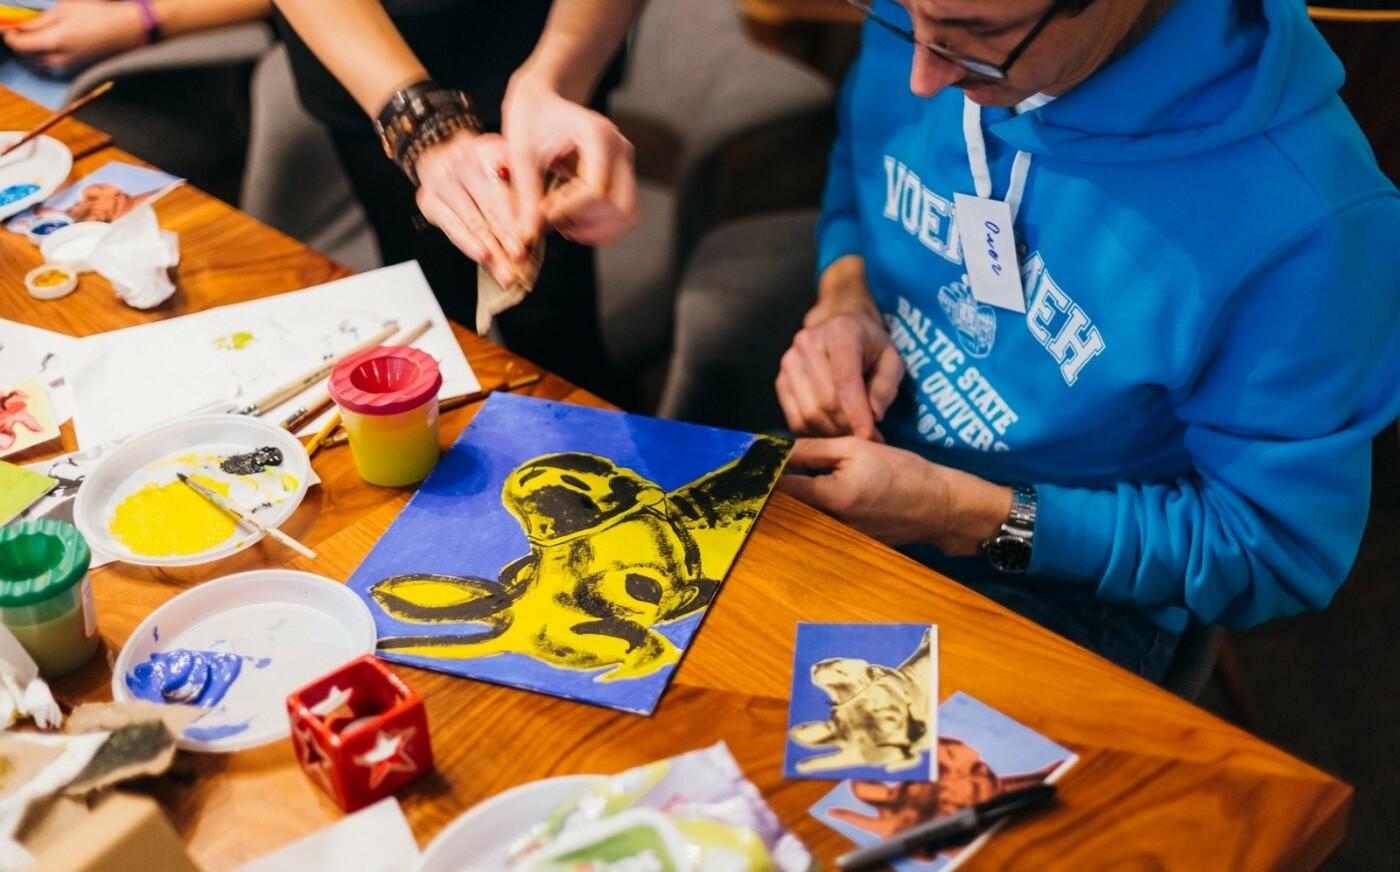 Уикенд в Актау: инклюзивный концерт, живопись и детские мастер-классы, фото-3